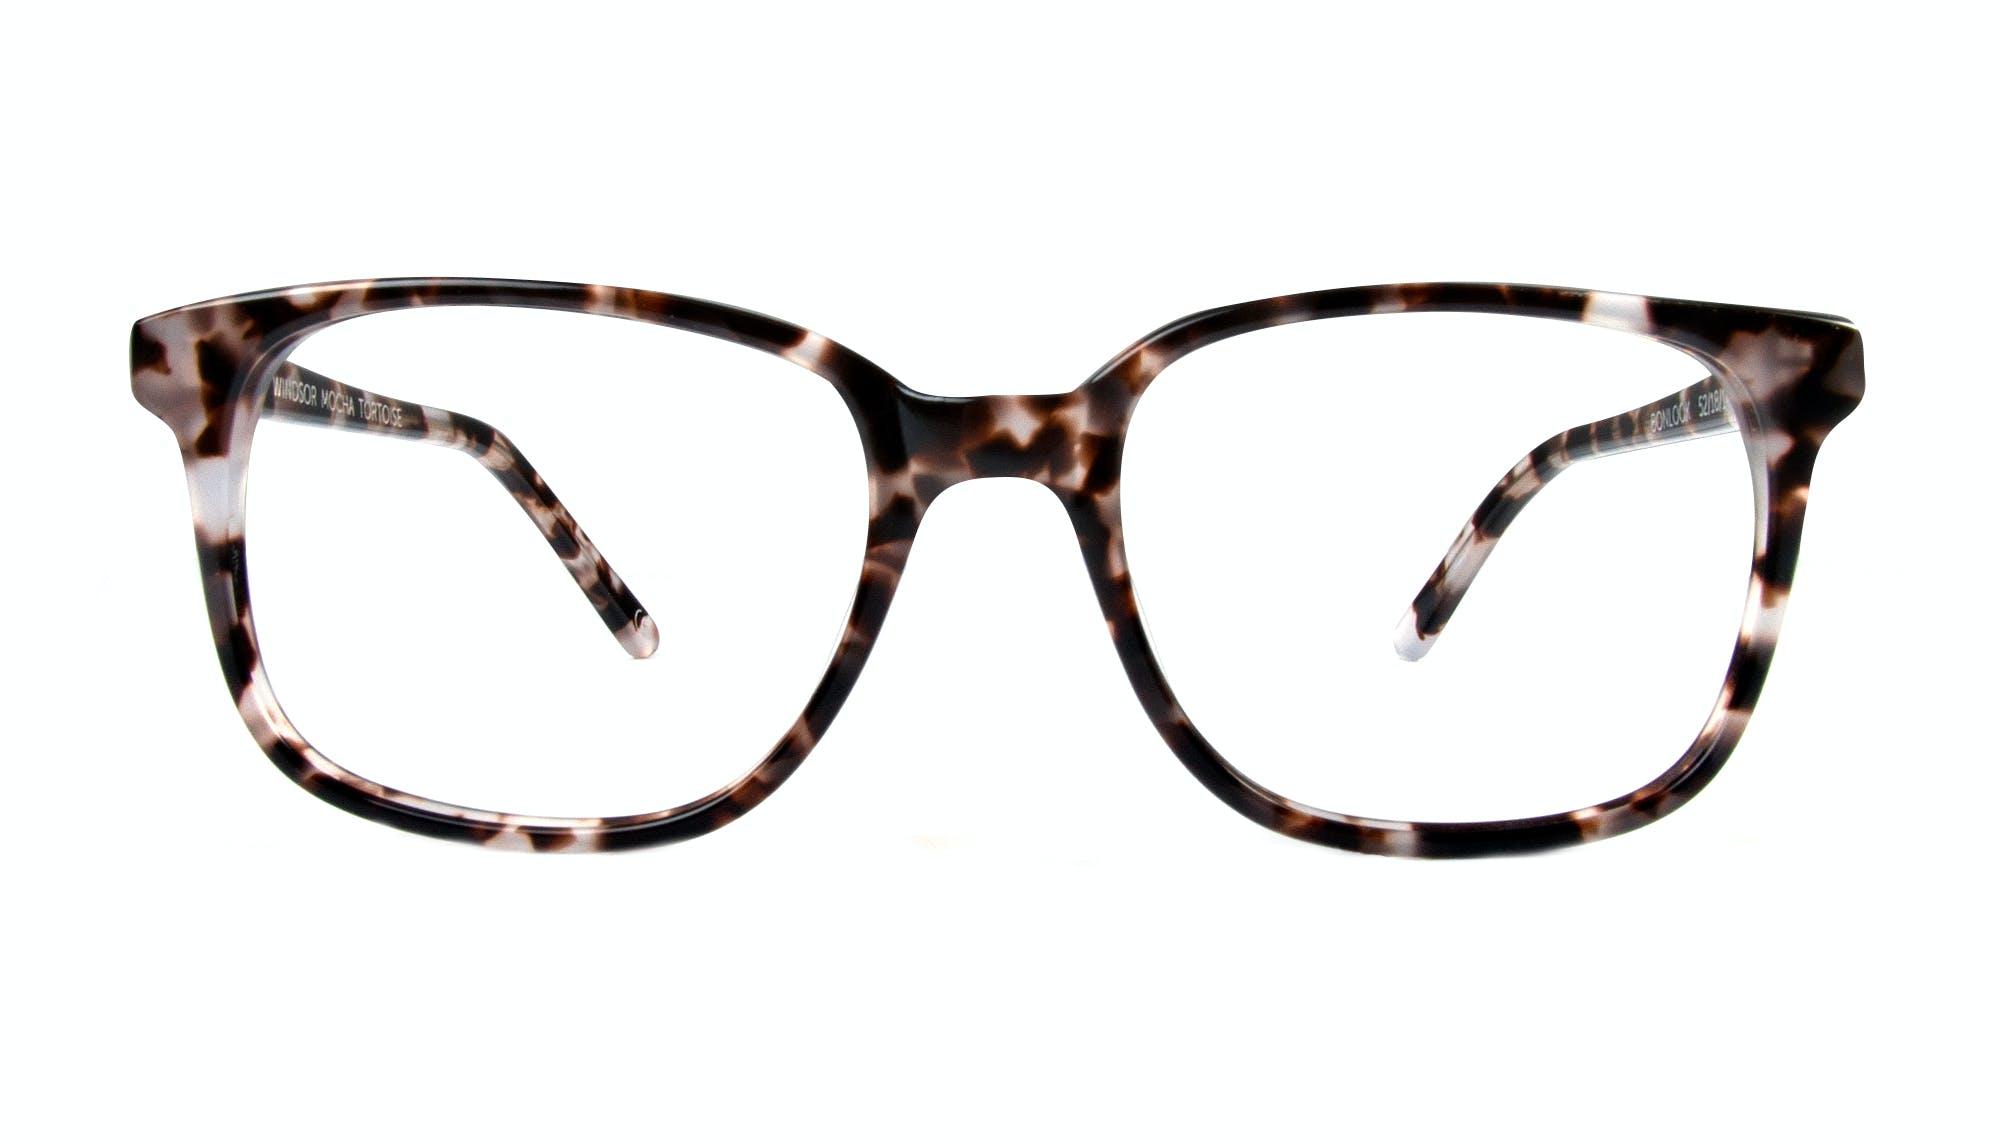 Lunettes tendance Rectangle Carrée Lunettes de vue Femmes Windsor Mocha Tortoise